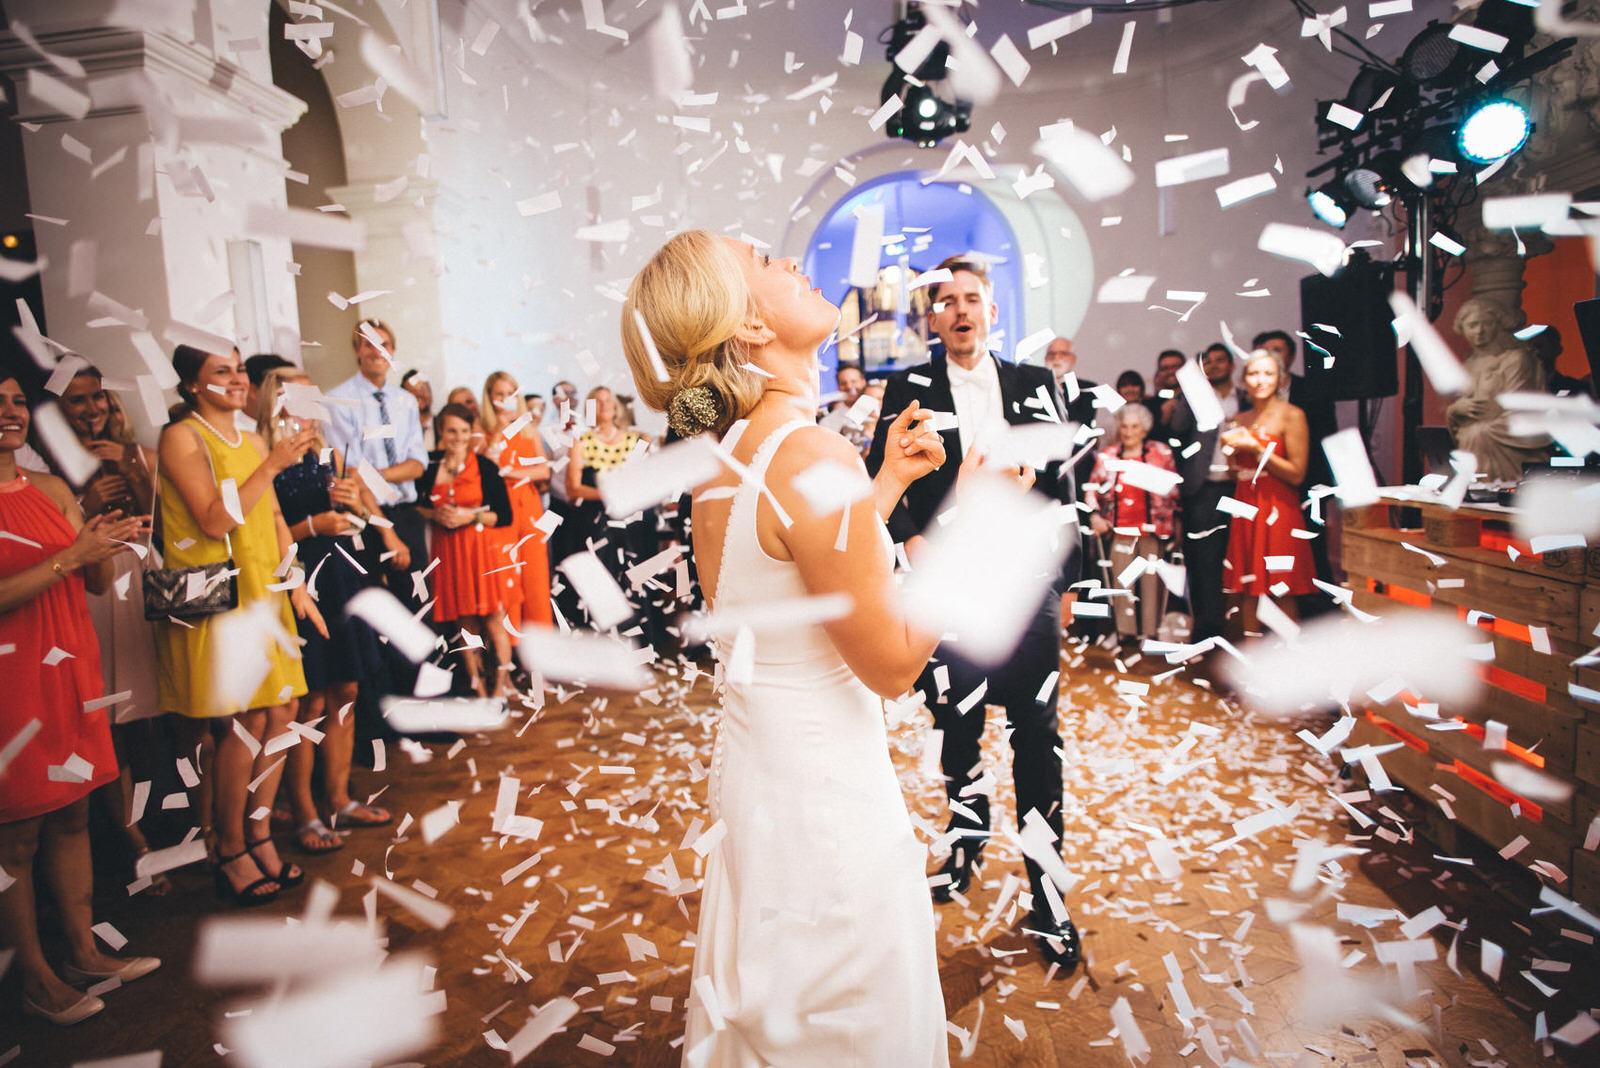 Hochzeitstanz mit Konfetti auf der Party Hochzeitsfotograf Basel